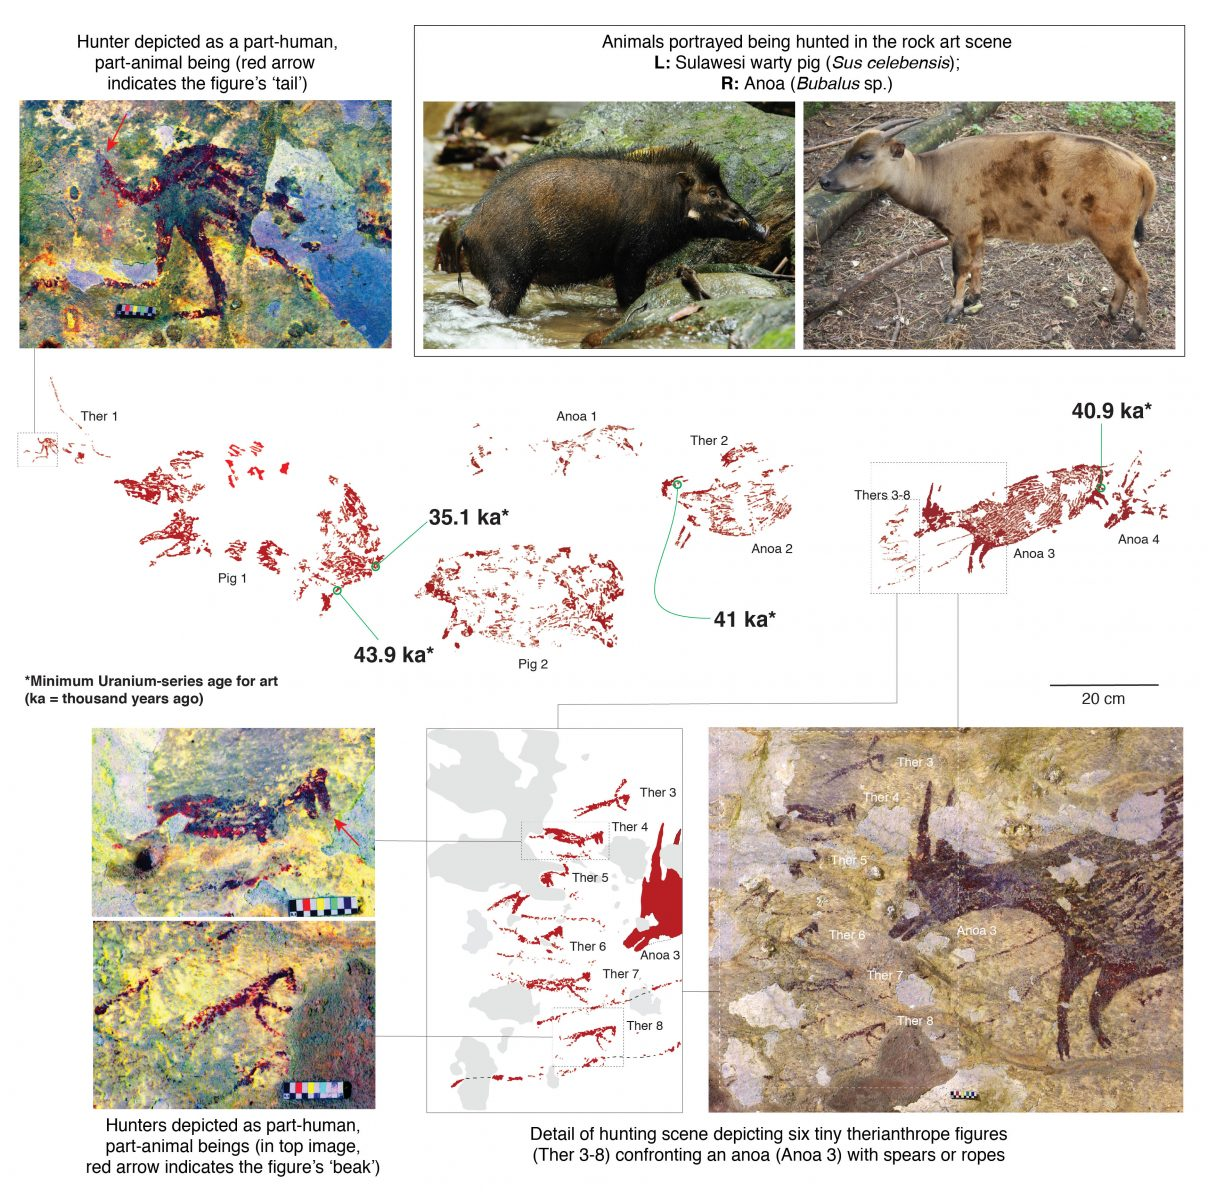 In una grotta a Sulawesi, in Indonesia, è stata scoperta una pittura rupestre vecchia di 44 mila anni. Raffiugura una scena di caccia e potrebbe nascondere significati religiosi